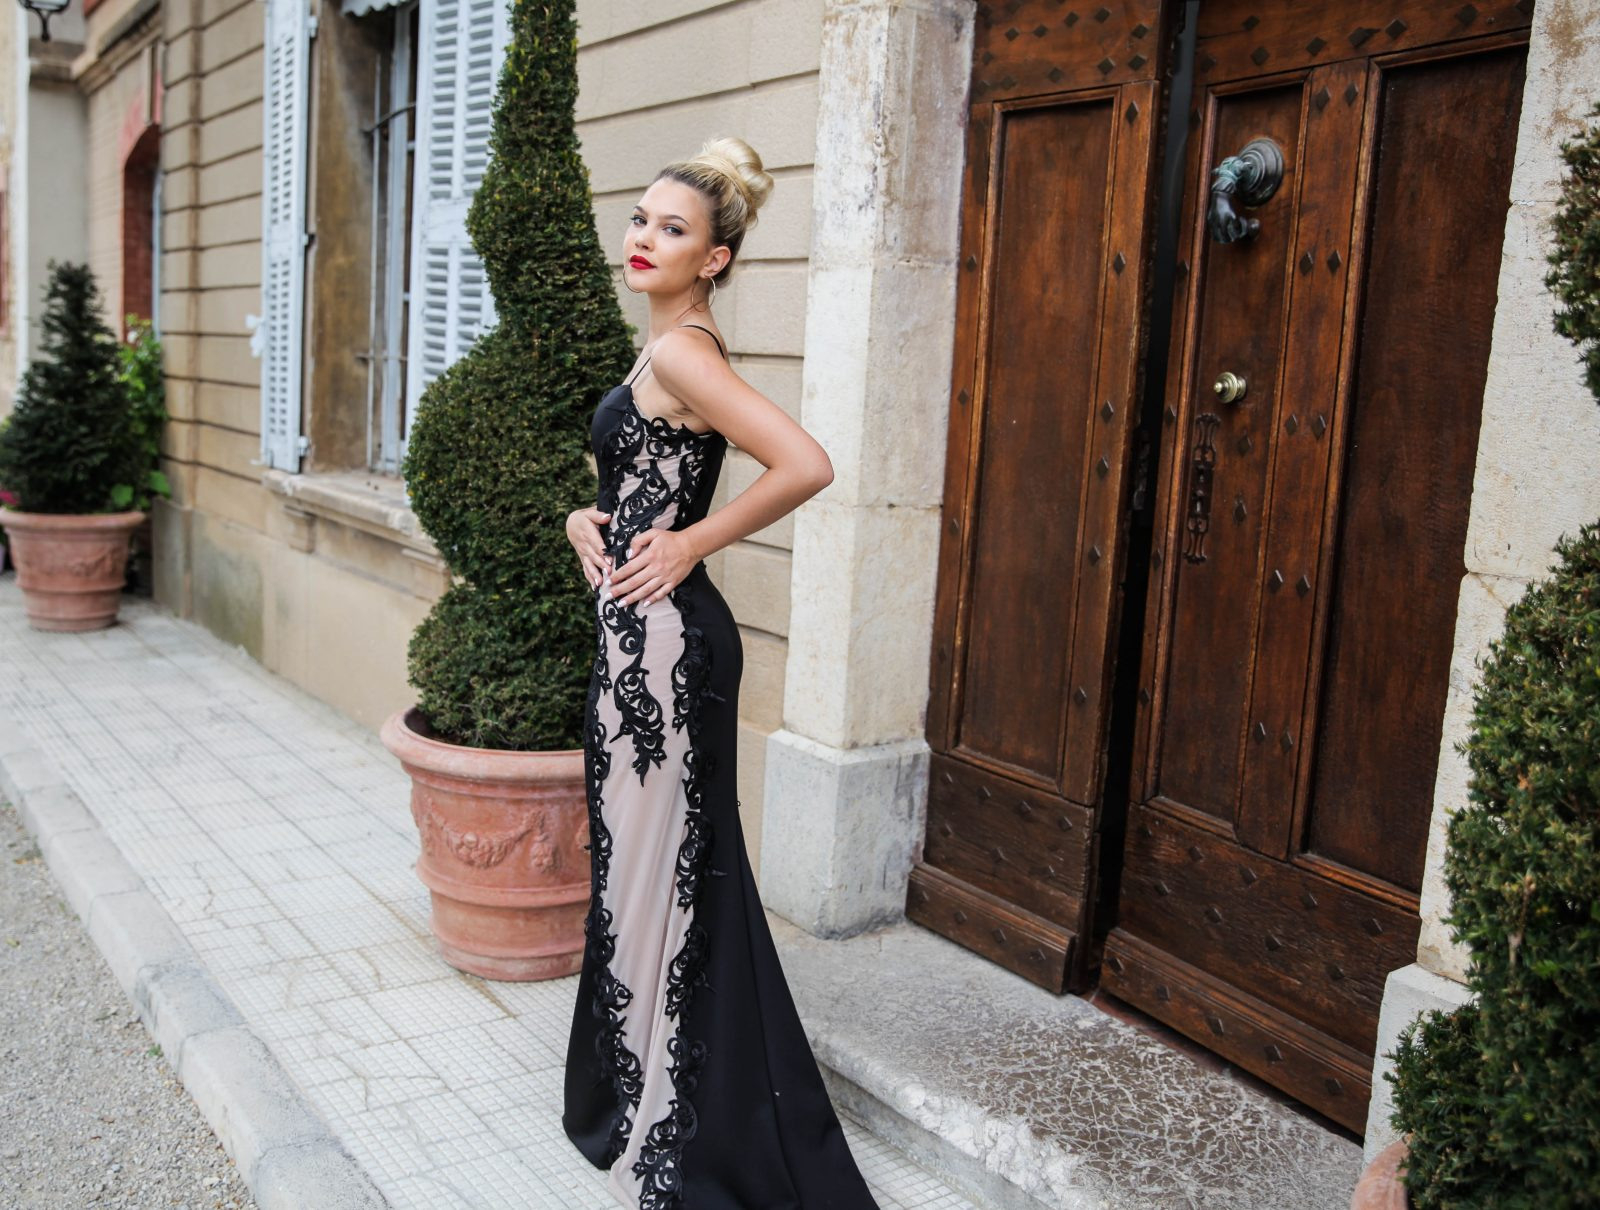 13 Genial Abendkleider Dresden Vertrieb Perfekt Abendkleider Dresden Galerie